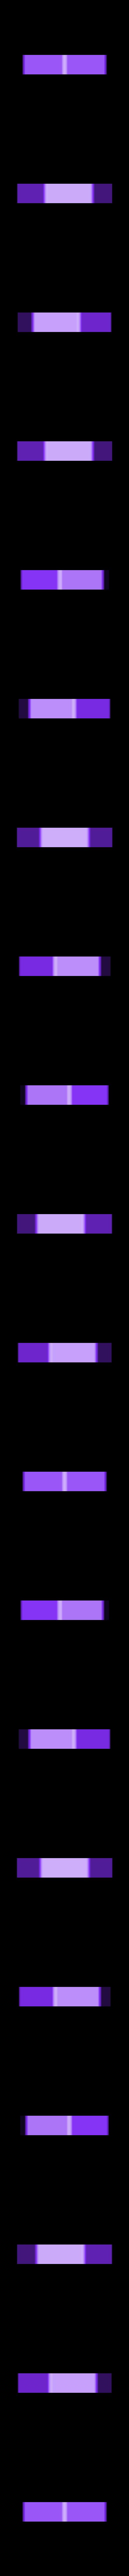 ext1_moustique.STL Télécharger fichier STL gratuit Hive • Objet pour impression 3D, seb2320